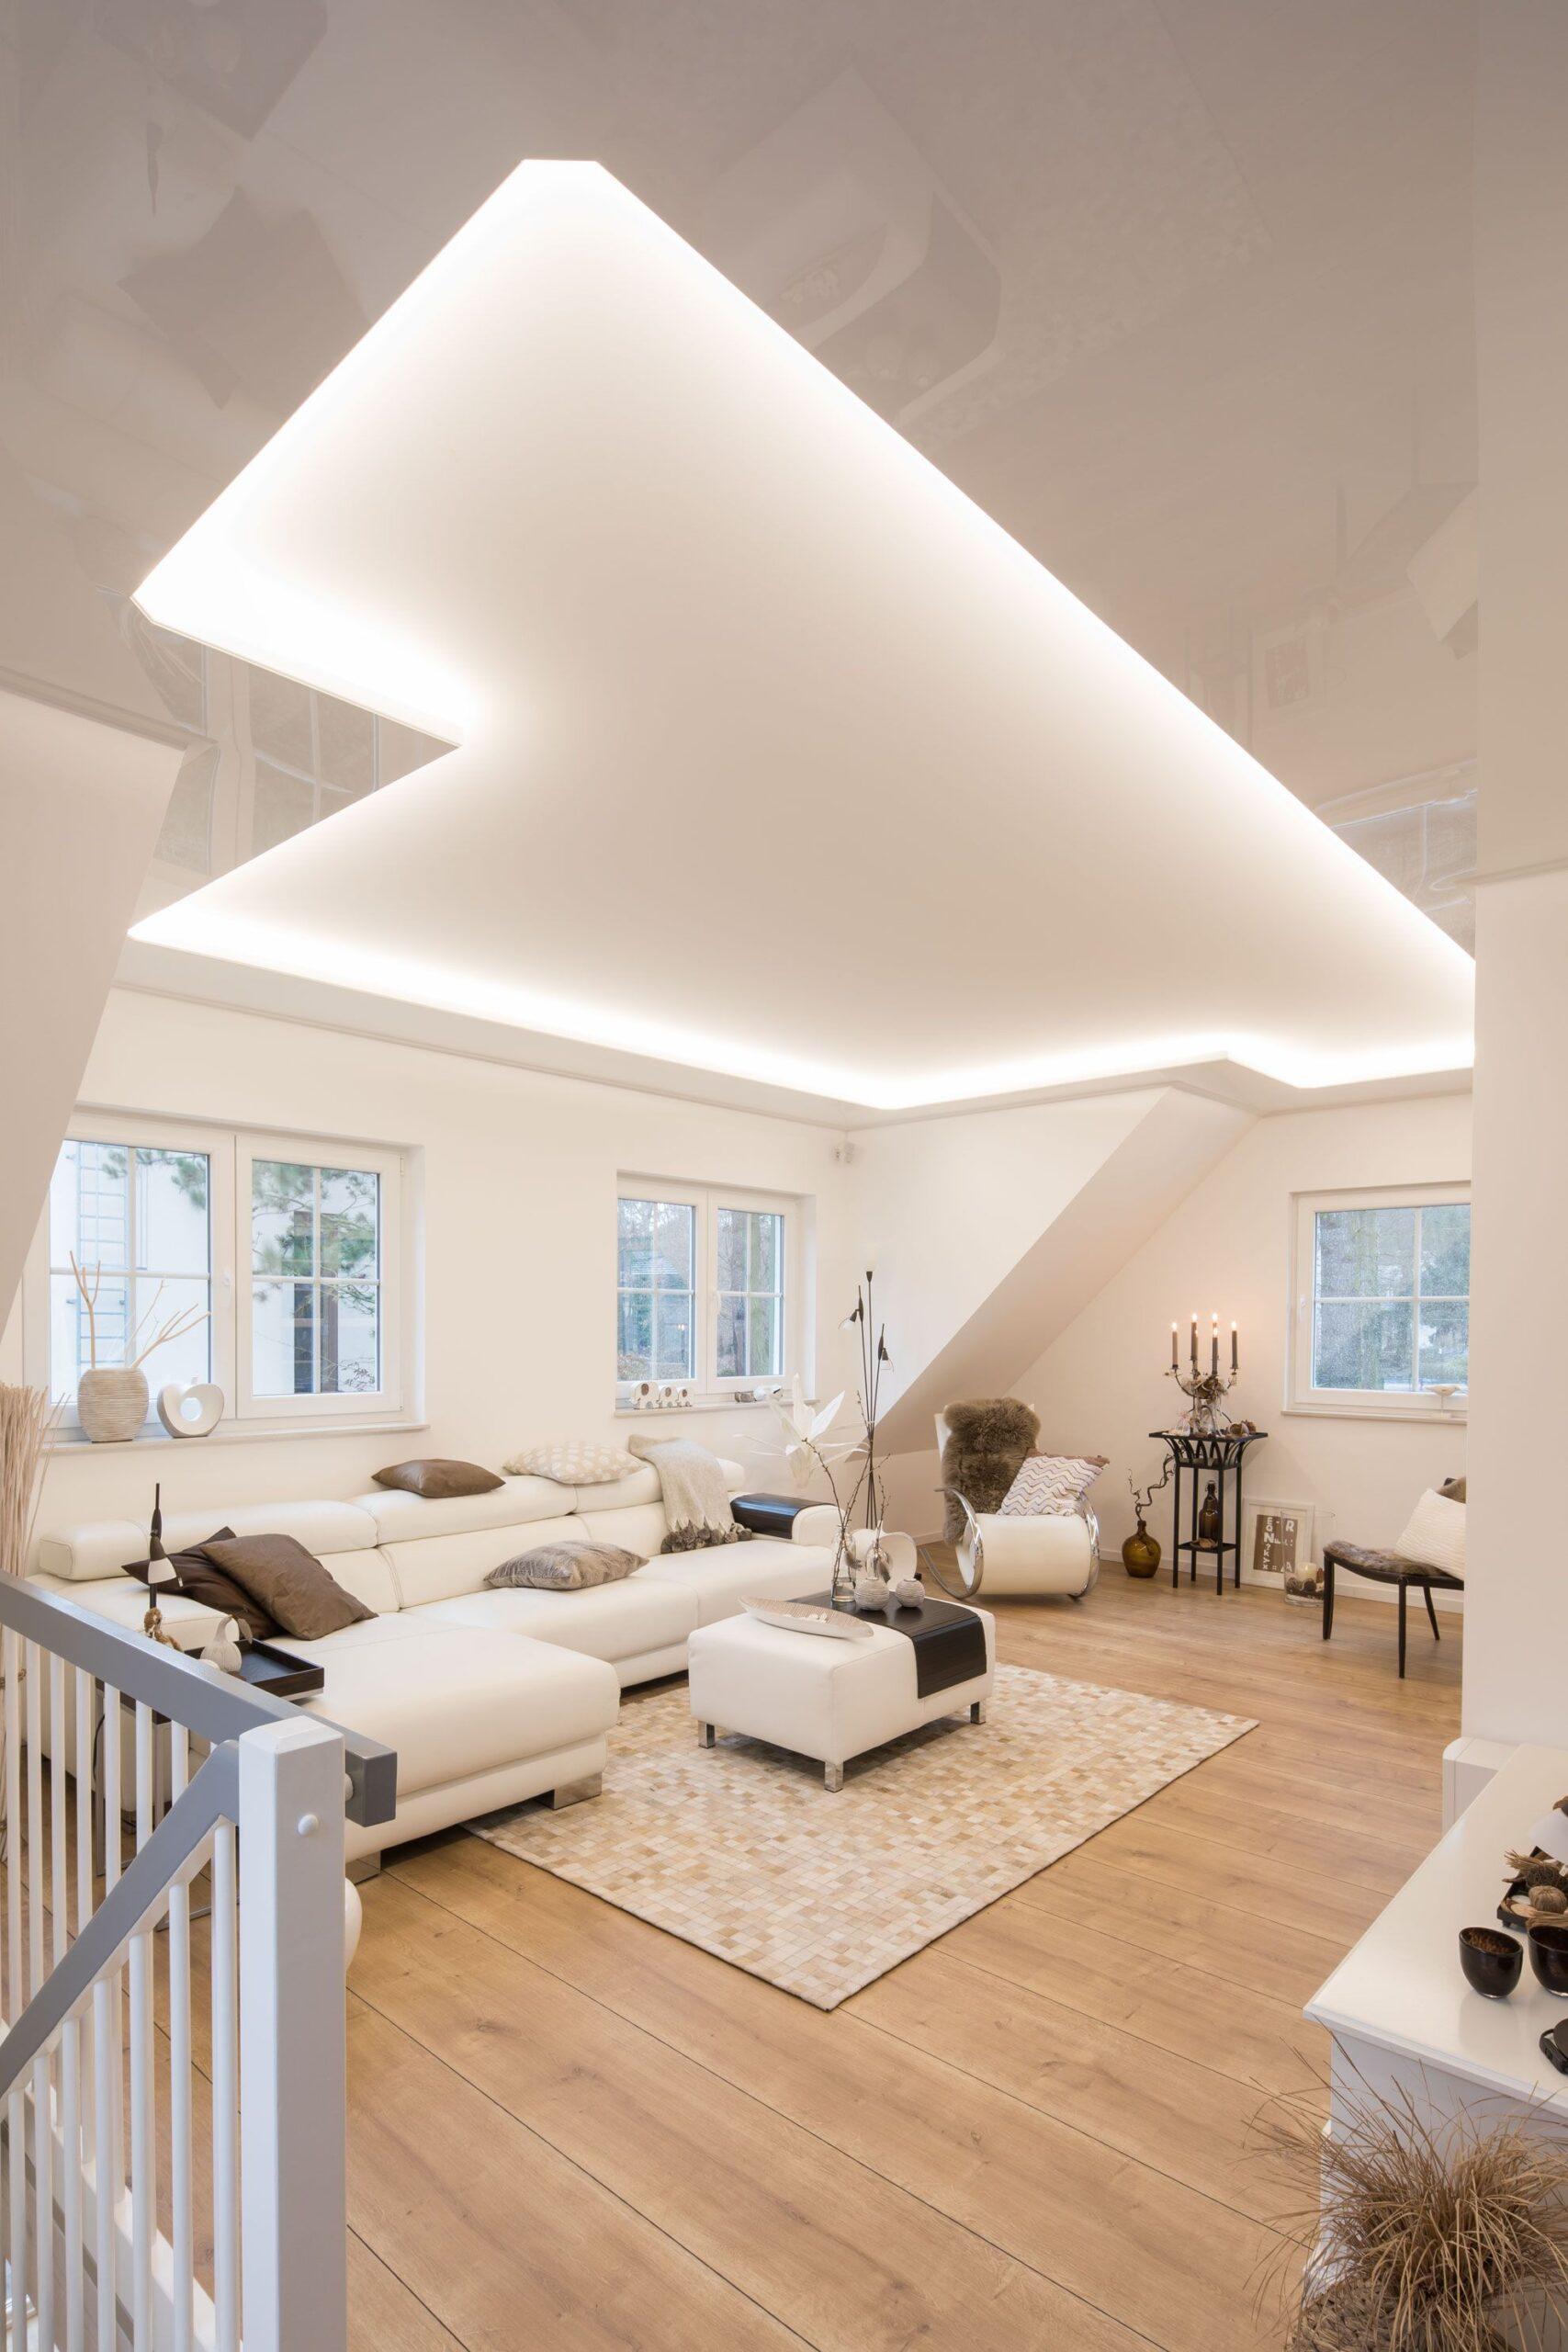 Full Size of Wohnzimmer Decke Deckenkombination Mit Beleuchtung Und Reflexion Wandtattoo Schlafzimmer Deckenlampe Decken Deckenleuchte Bad Stehleuchte Lampe Led Küche Wohnzimmer Wohnzimmer Decke